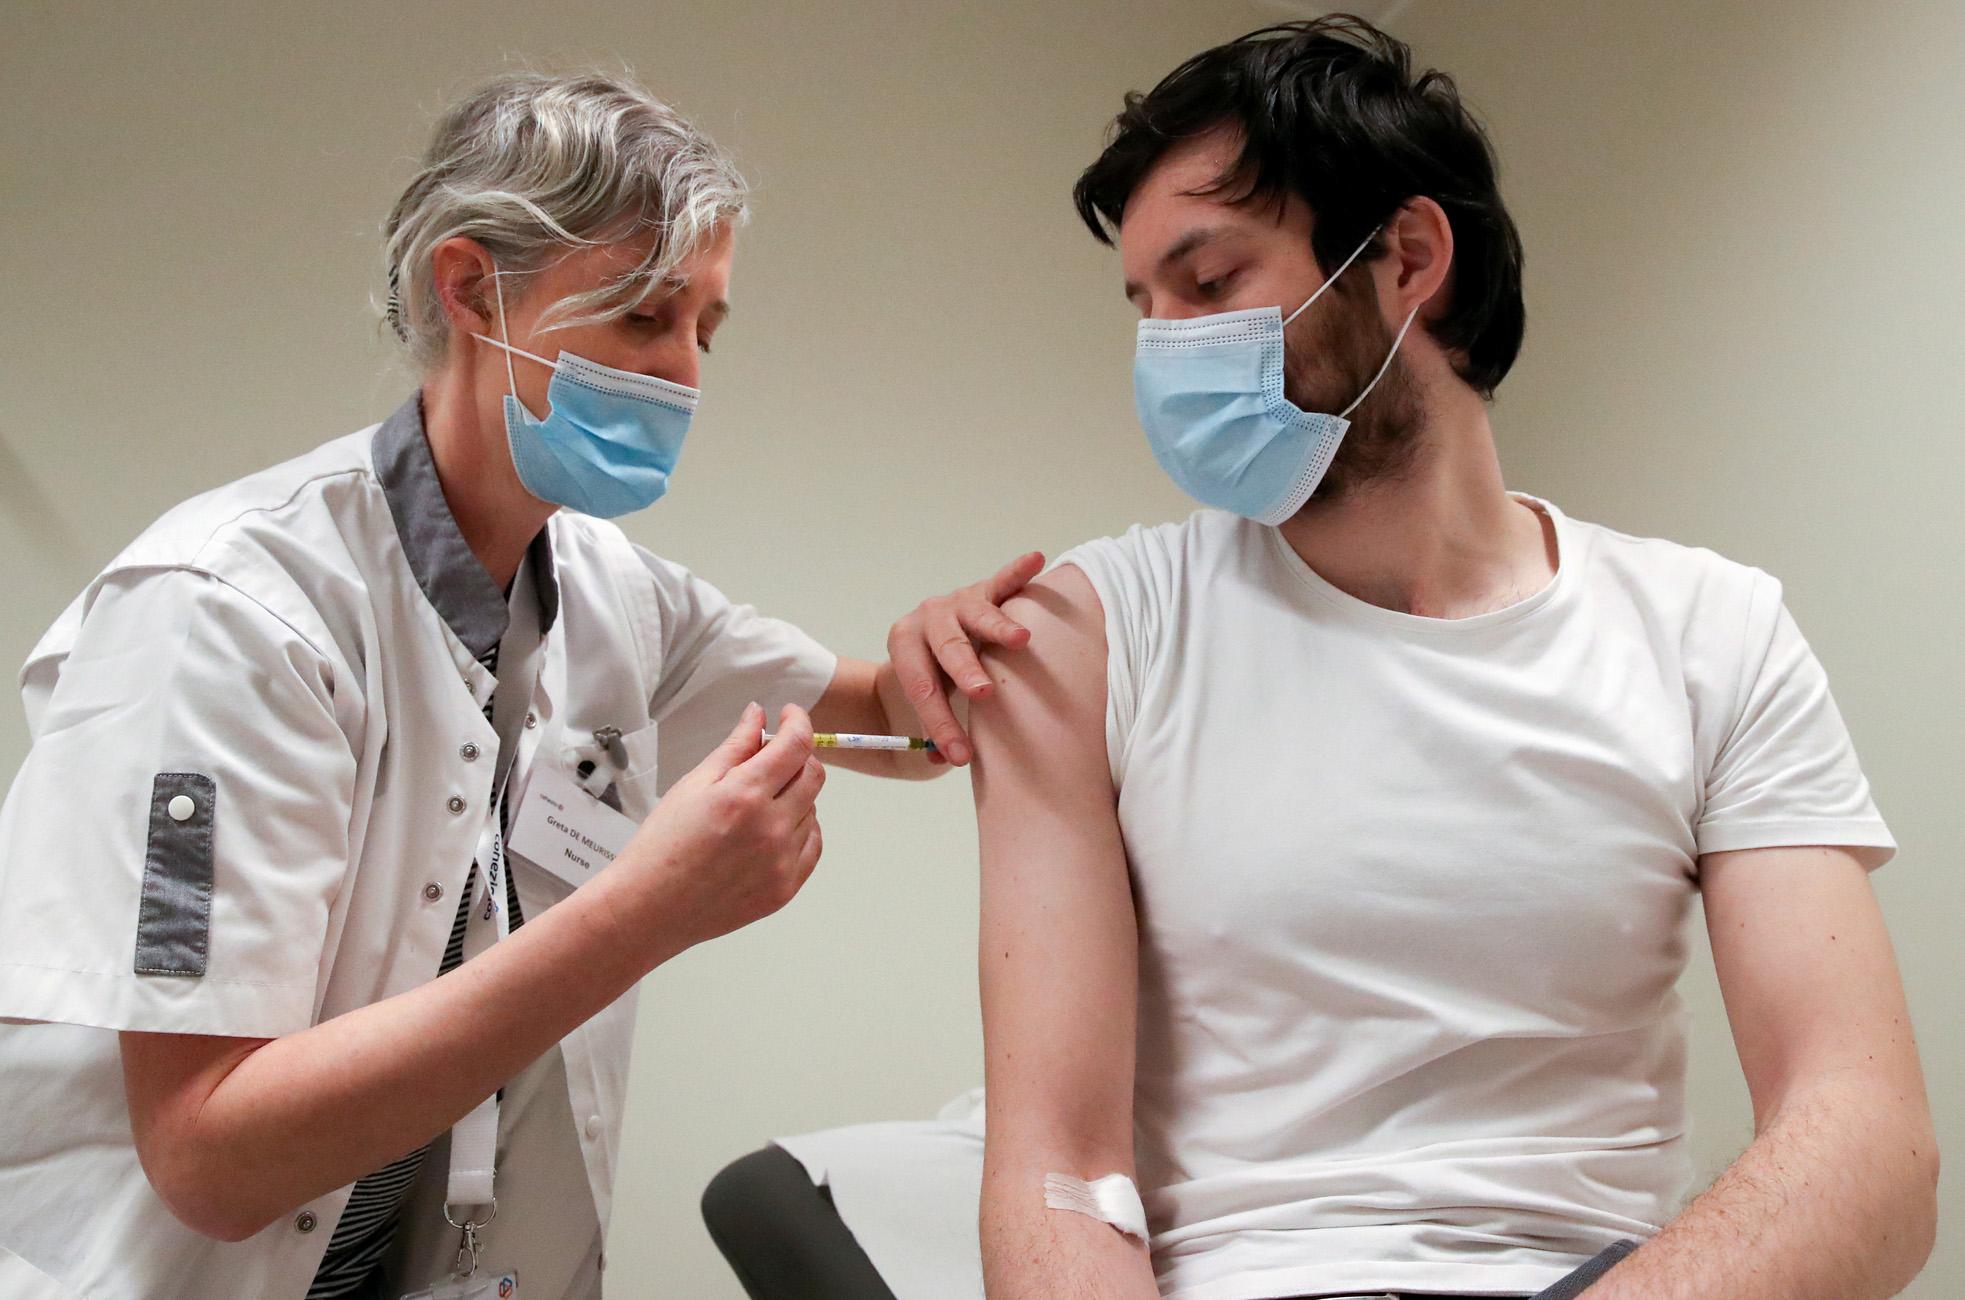 Κορονοϊός: Το Ιούνιο στην αγορά το εμβόλιο της CureVac